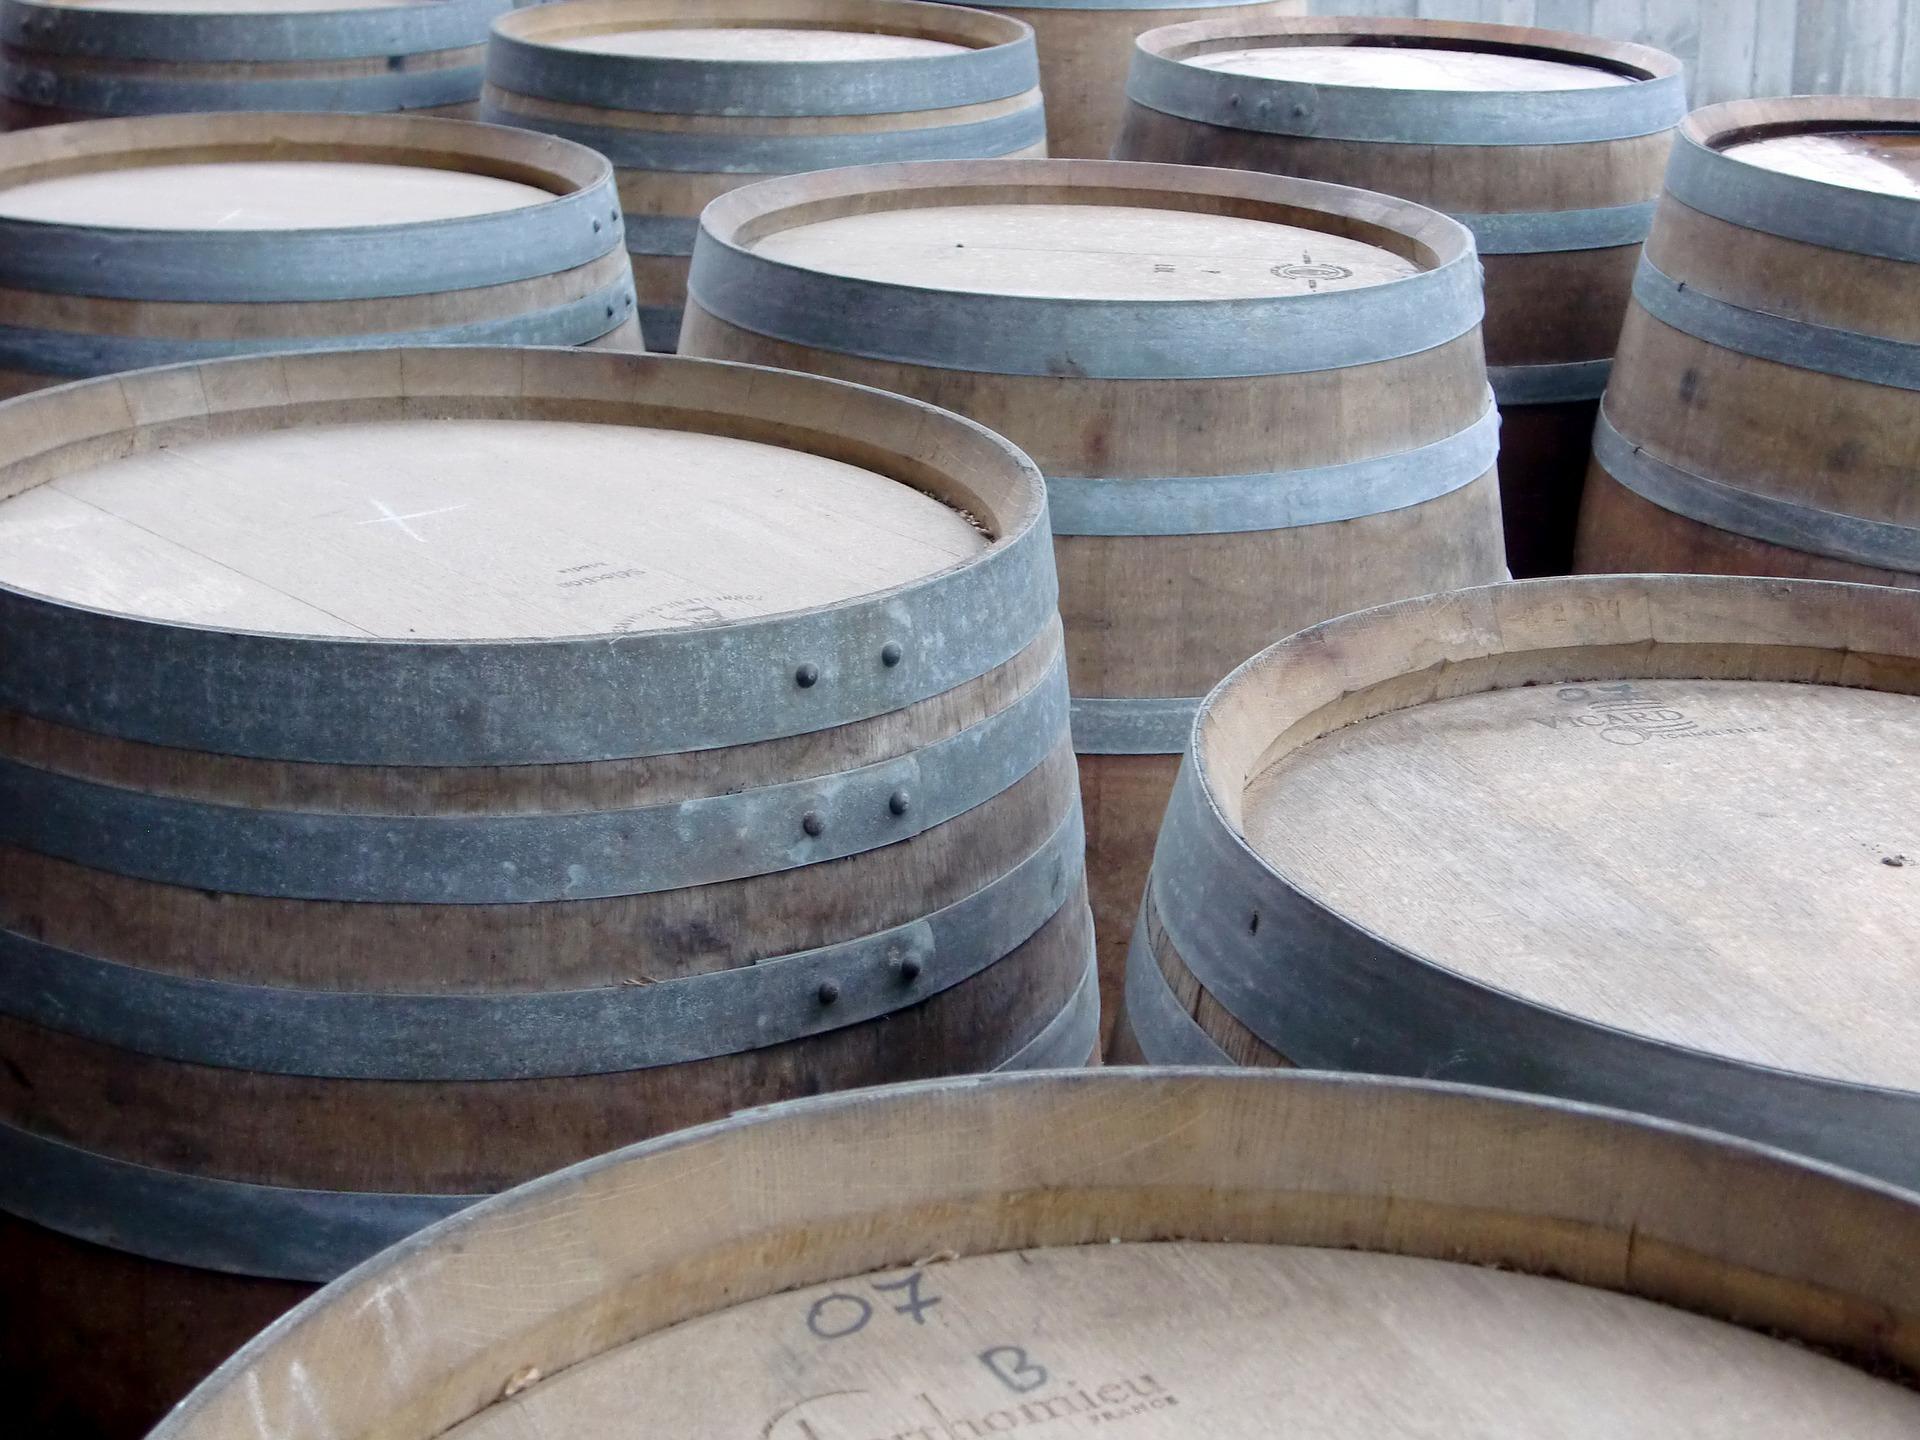 barrels-ea31b10f28_1920.jpg